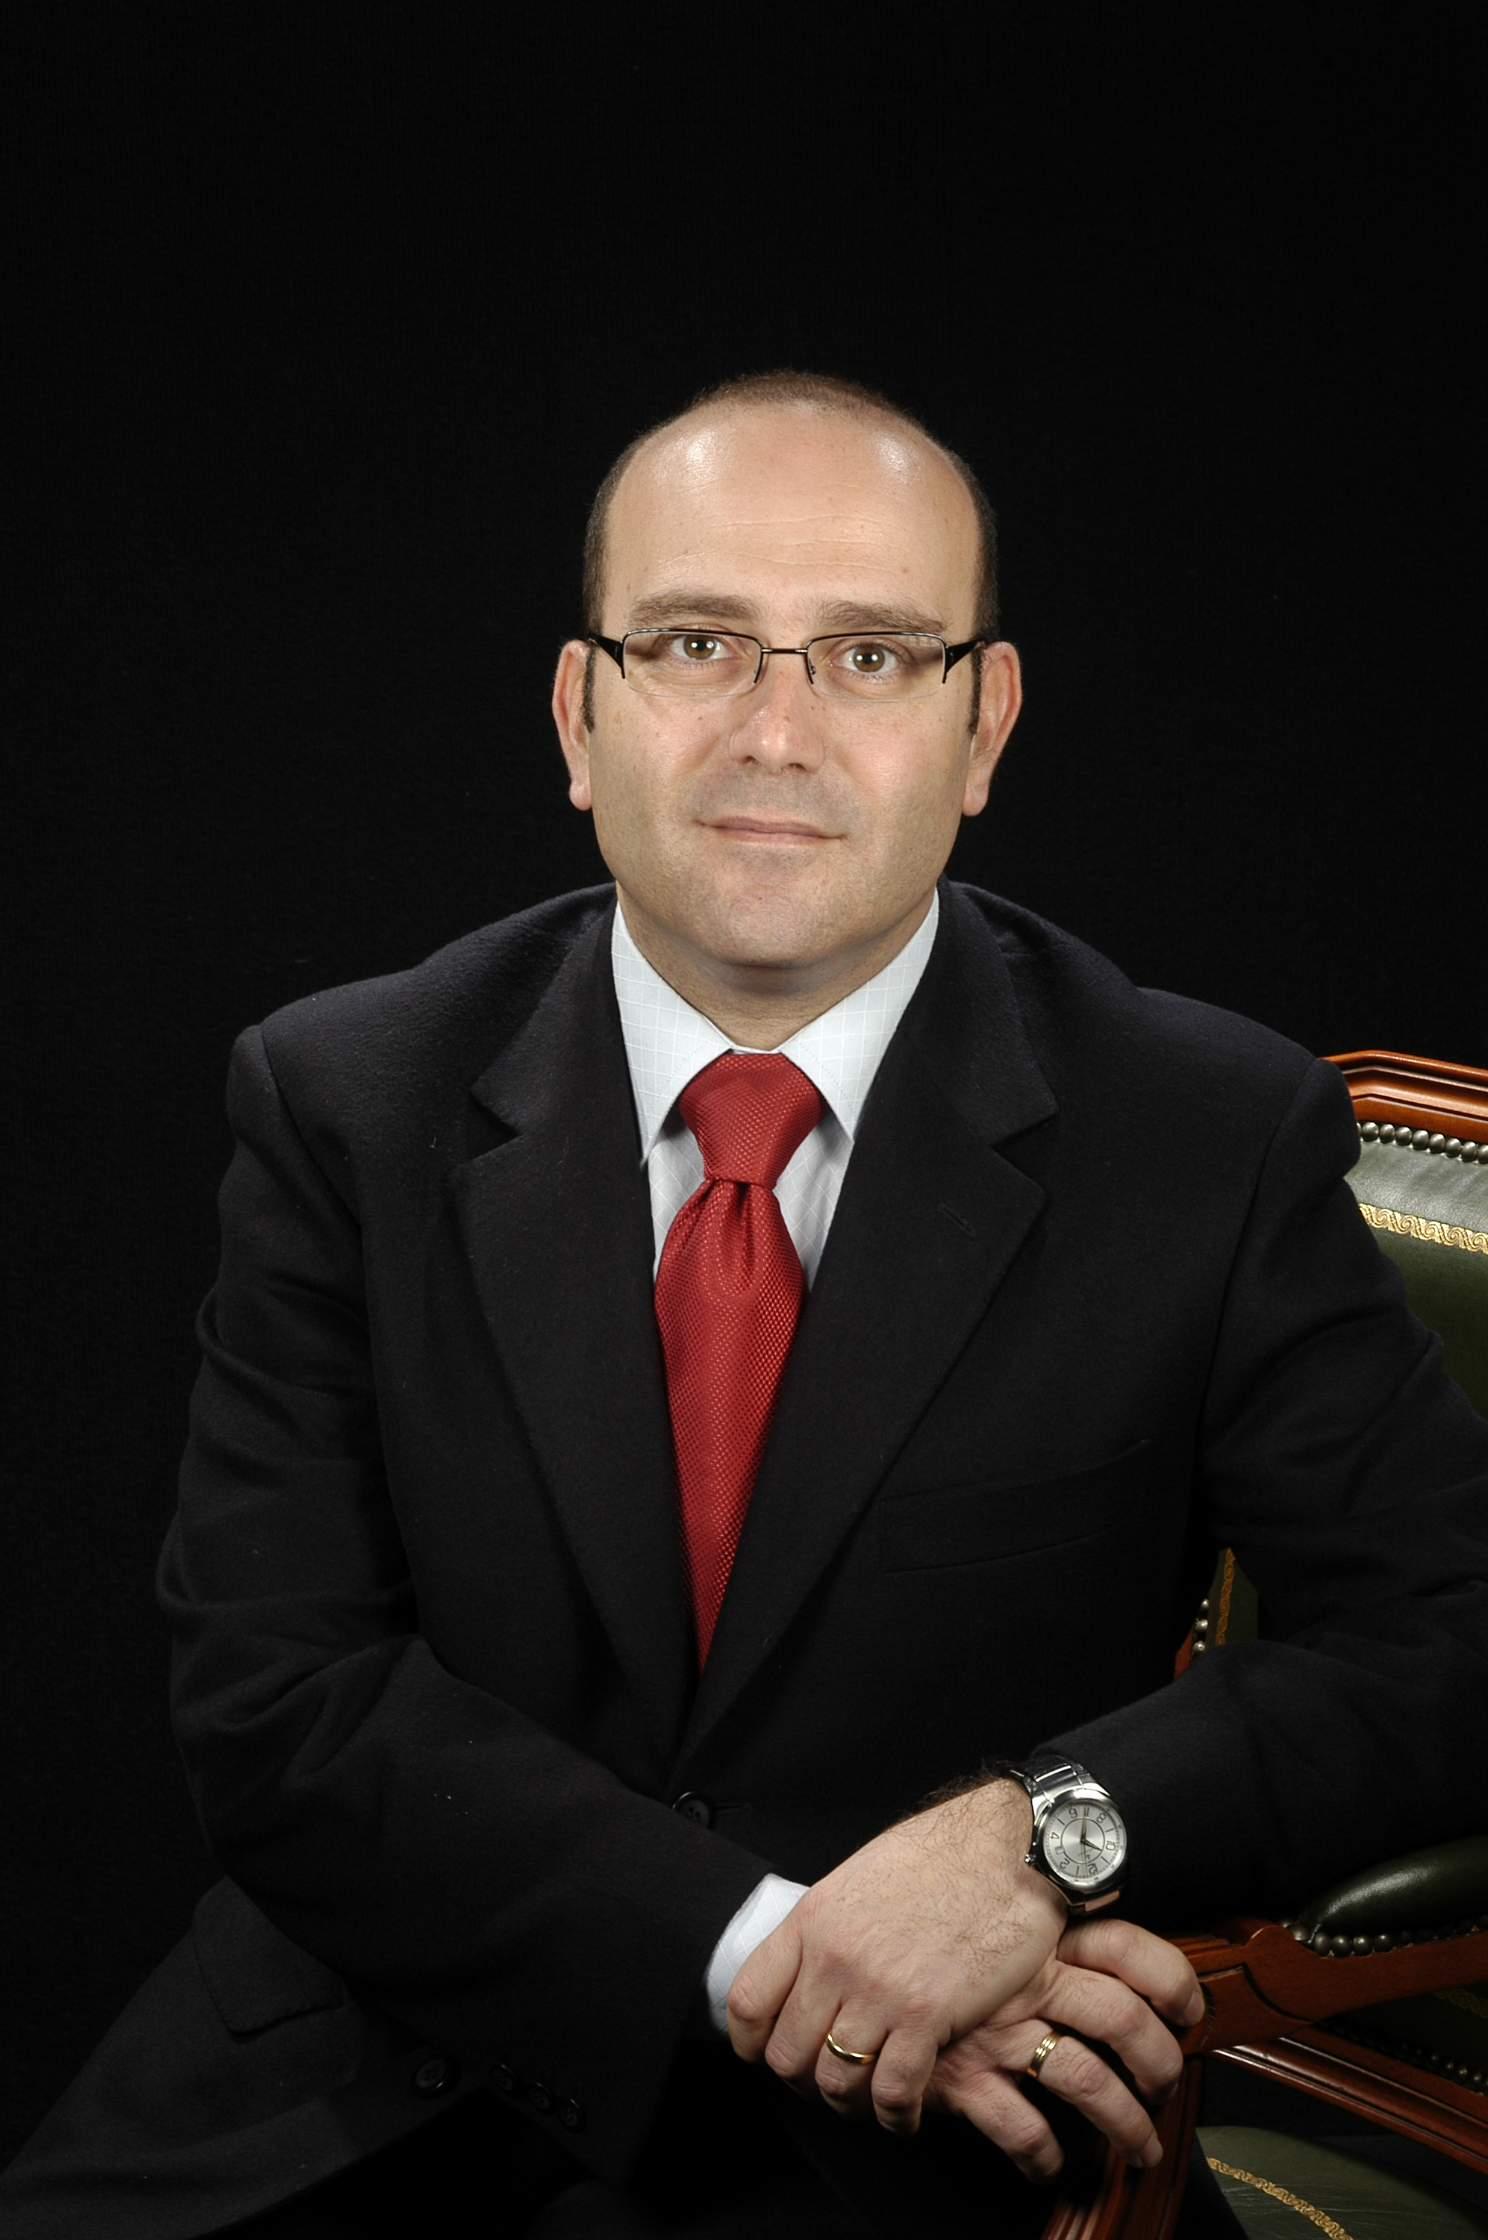 Sr. MARTINEZ ZAPLANA